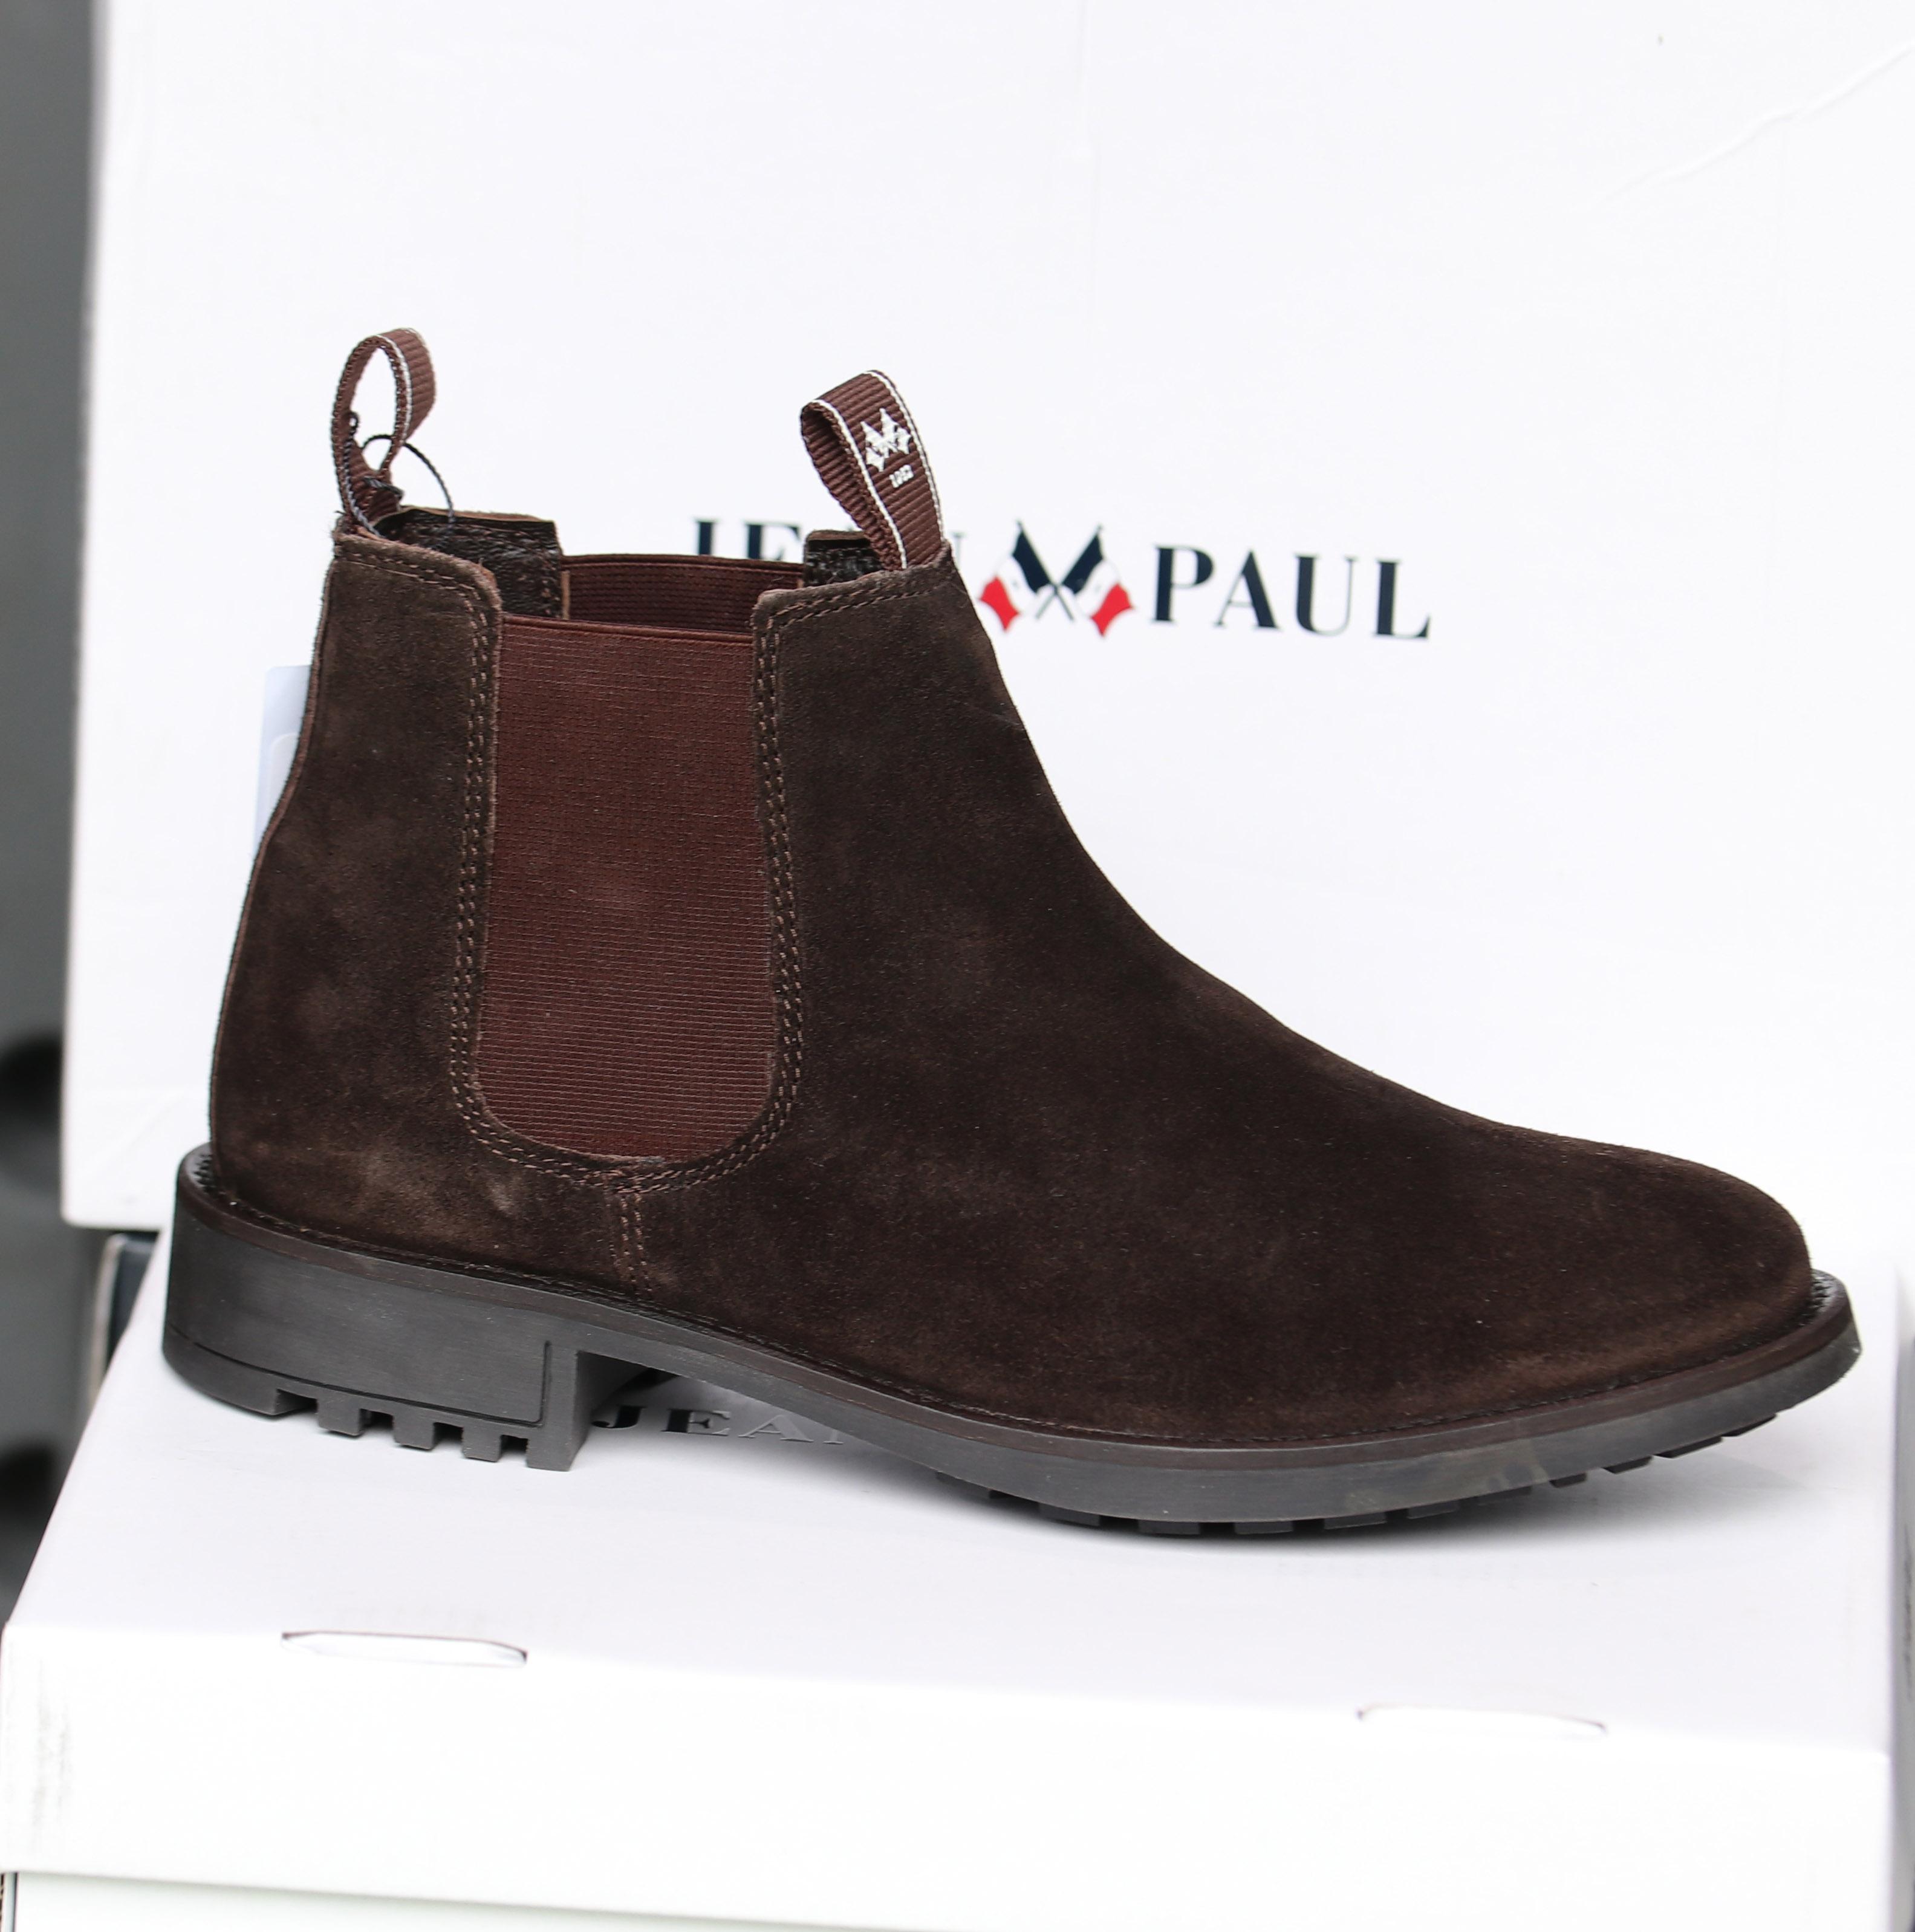 jean paul – chelsea 11488 brun herre skoletter5